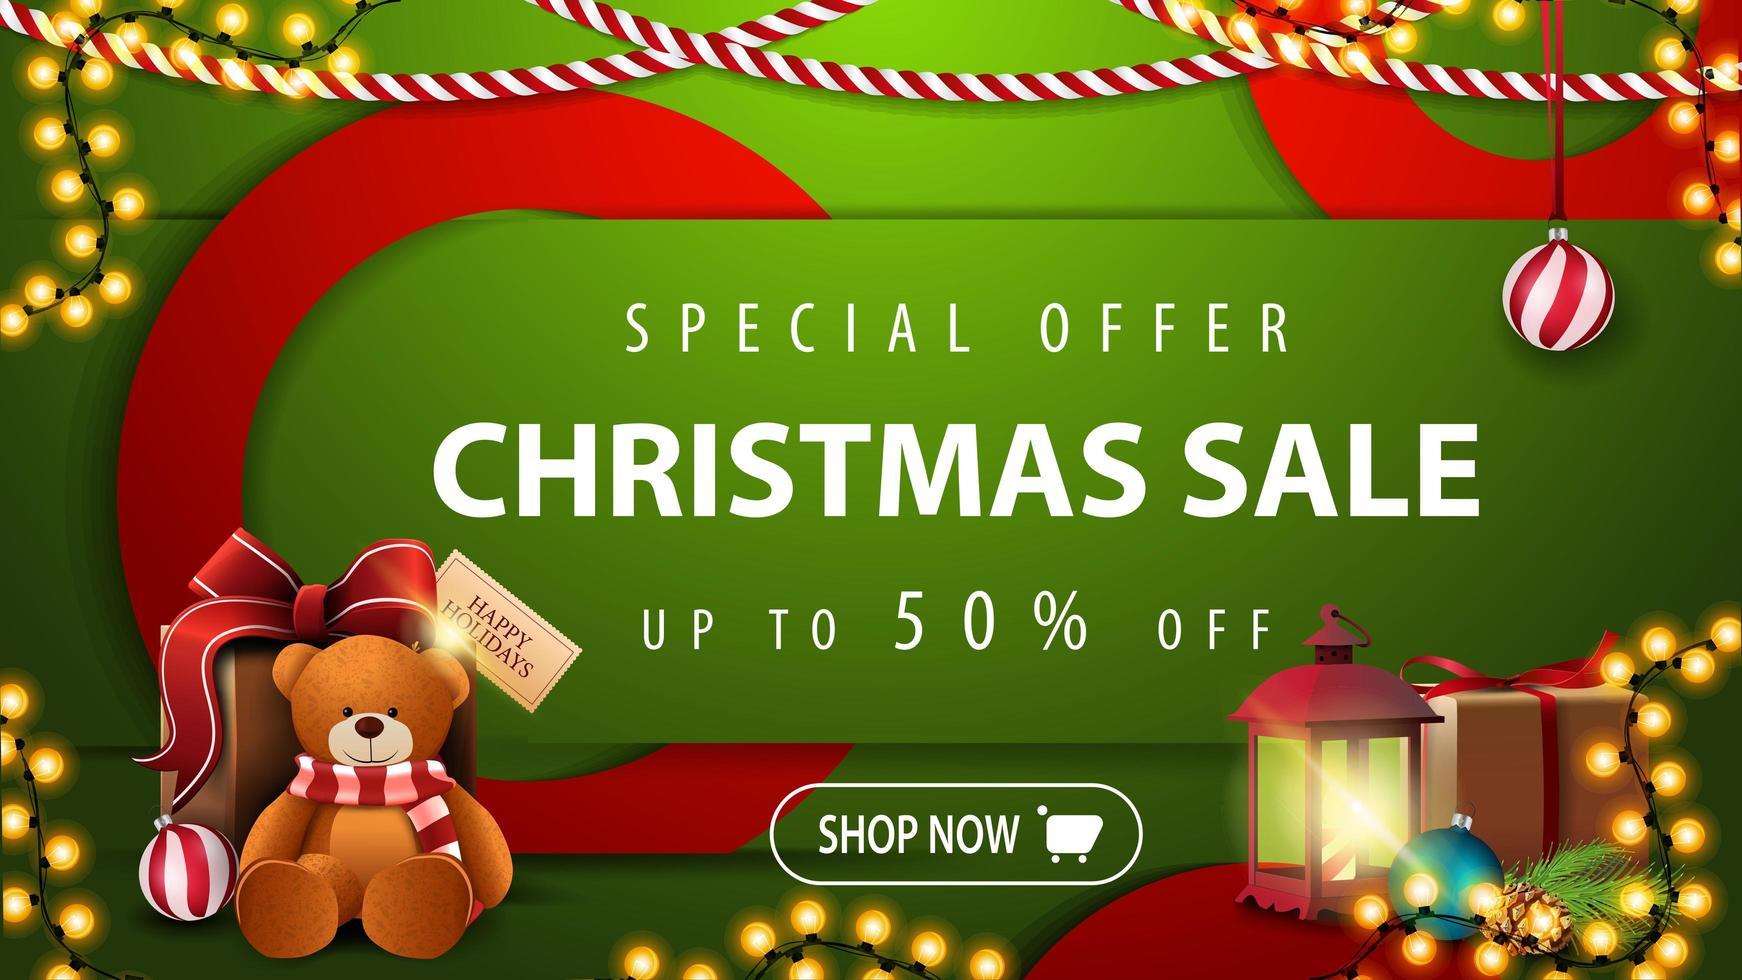 offre spéciale, vente de Noël, jusqu'à 50 de réduction, bannière web moderne horizontale lumineuse verte avec bouton, grands cercles rouges, lampe ancienne et cadeau avec ours en peluche vecteur